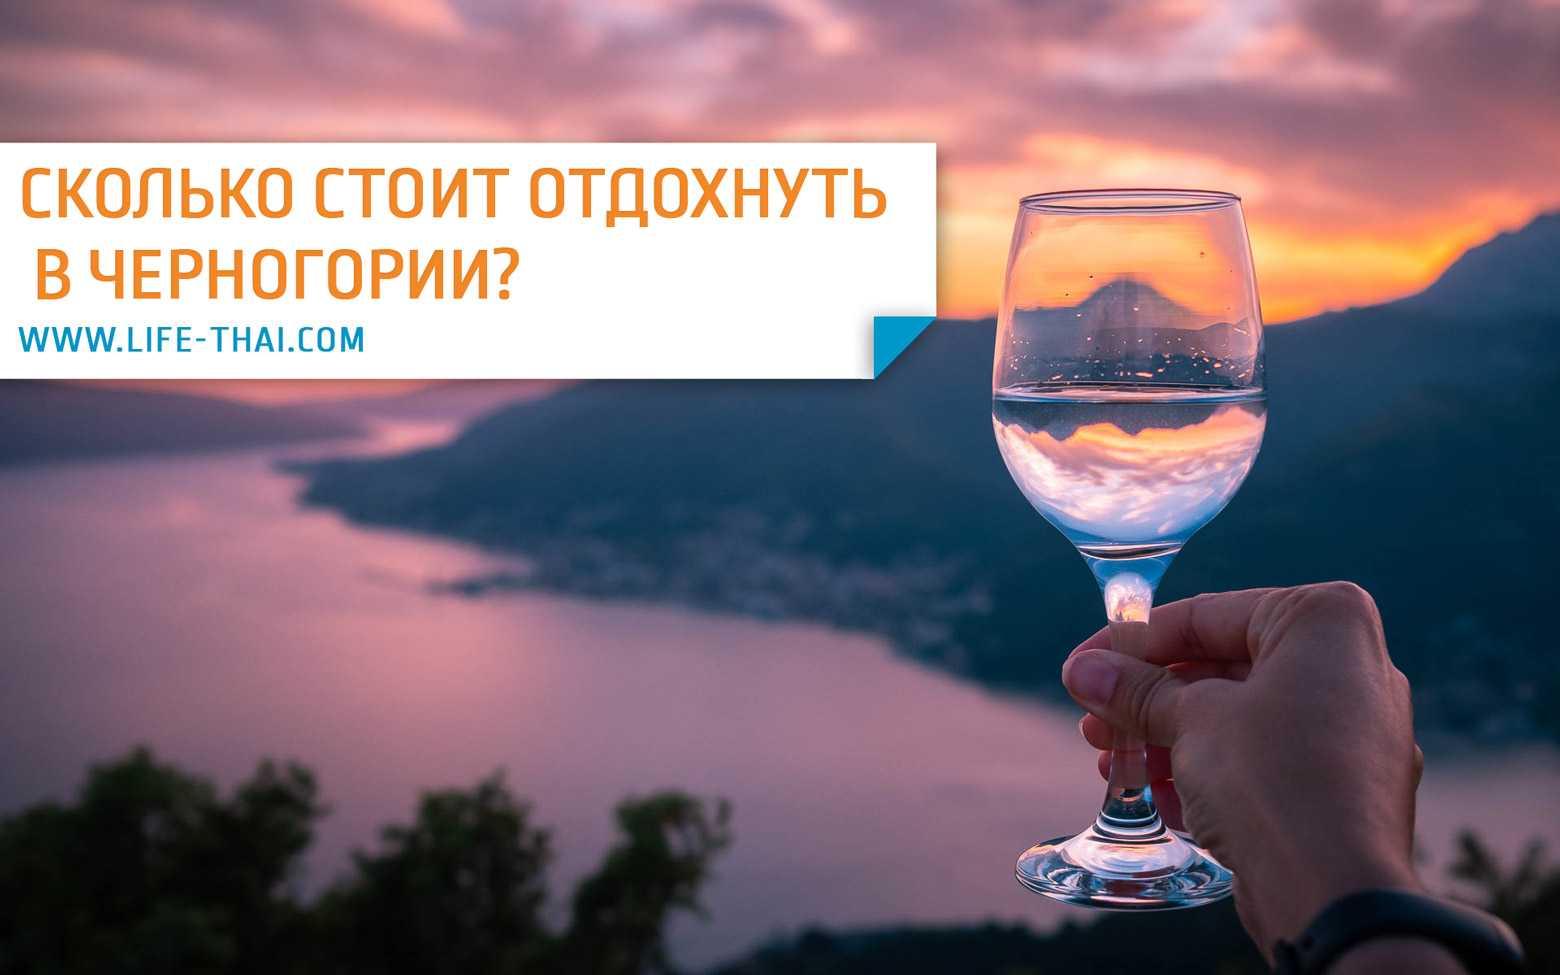 Игорный бизнес черногории - slots.com.ua